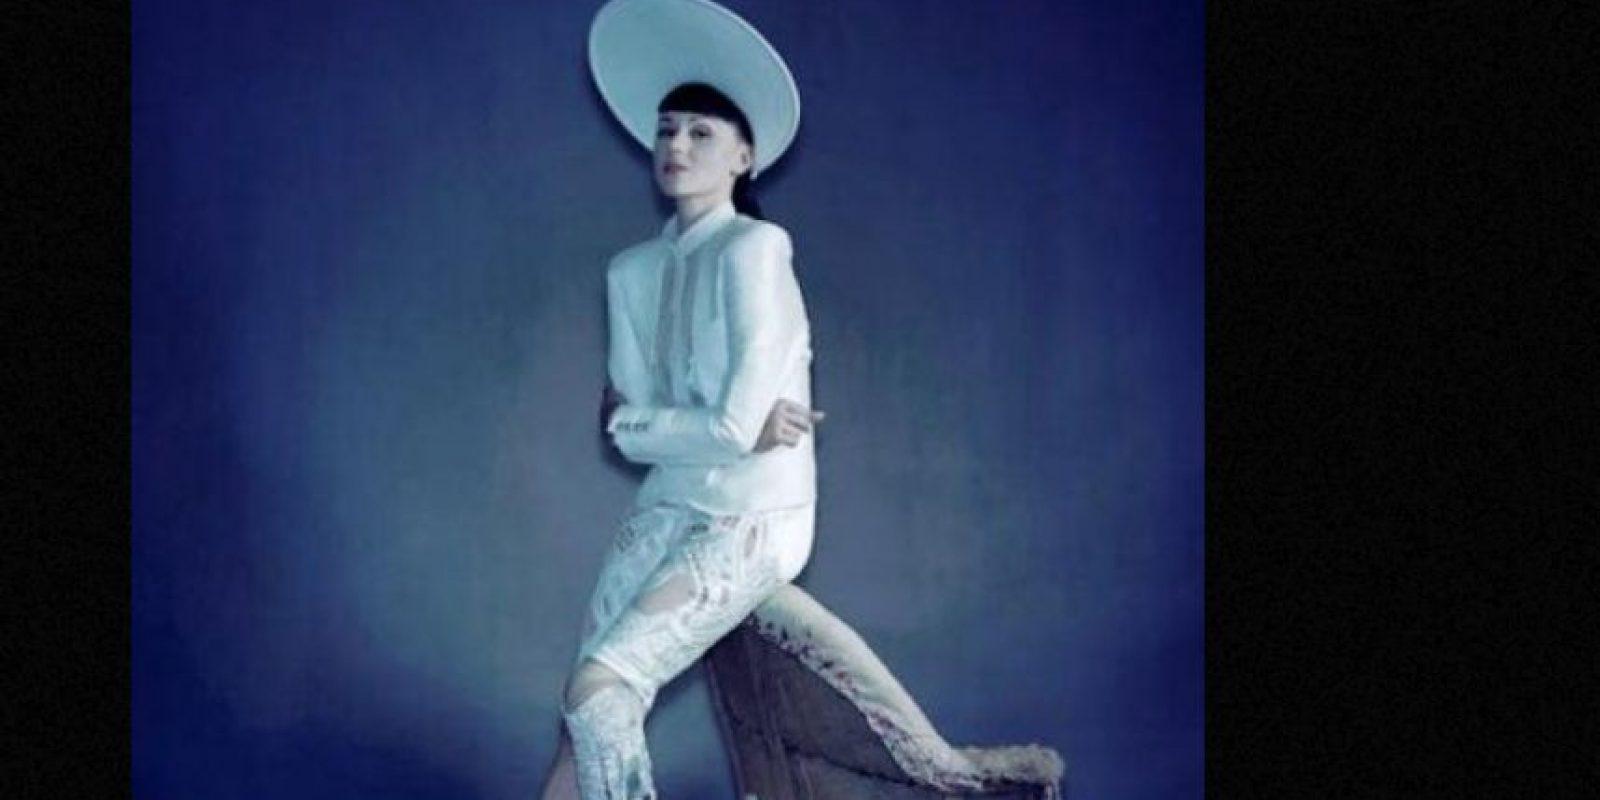 Viktoria Modesta es cantante y modelo. Ícono de moda. Foto:vía Facebook/Viktoria Modesta